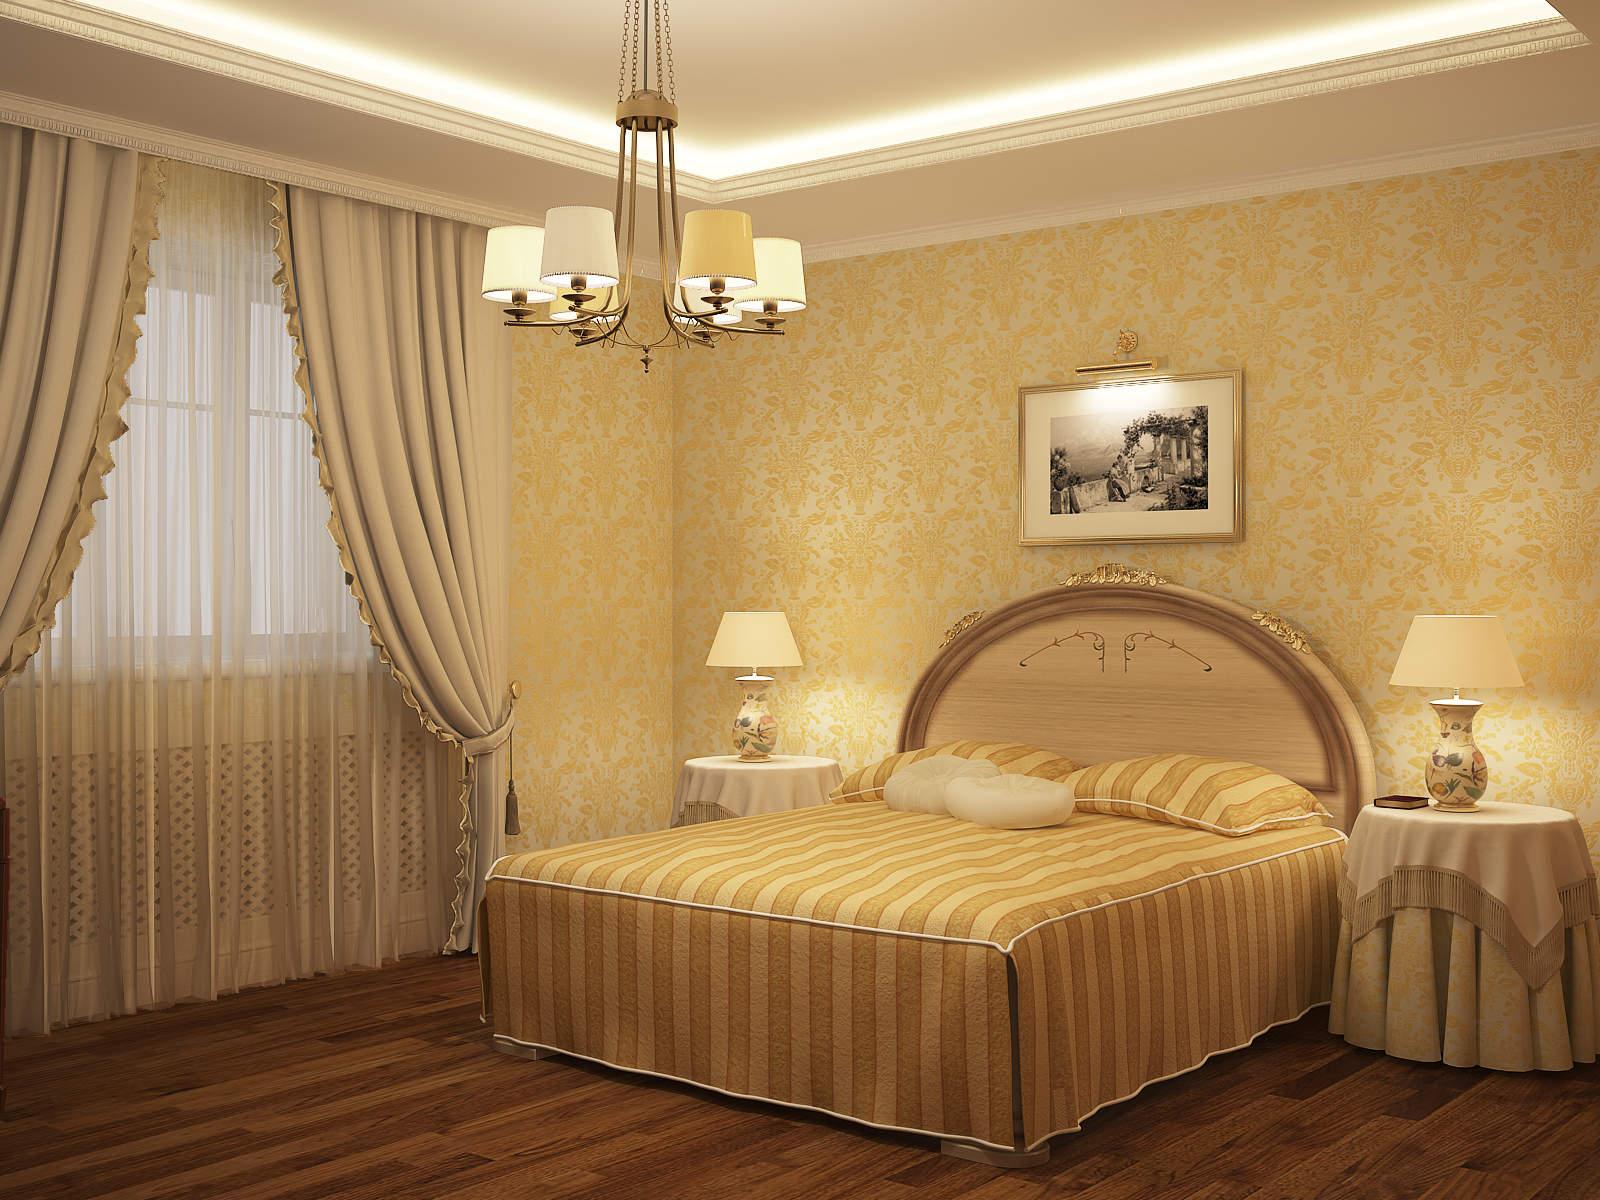 Картина с подсветкой над кроватью